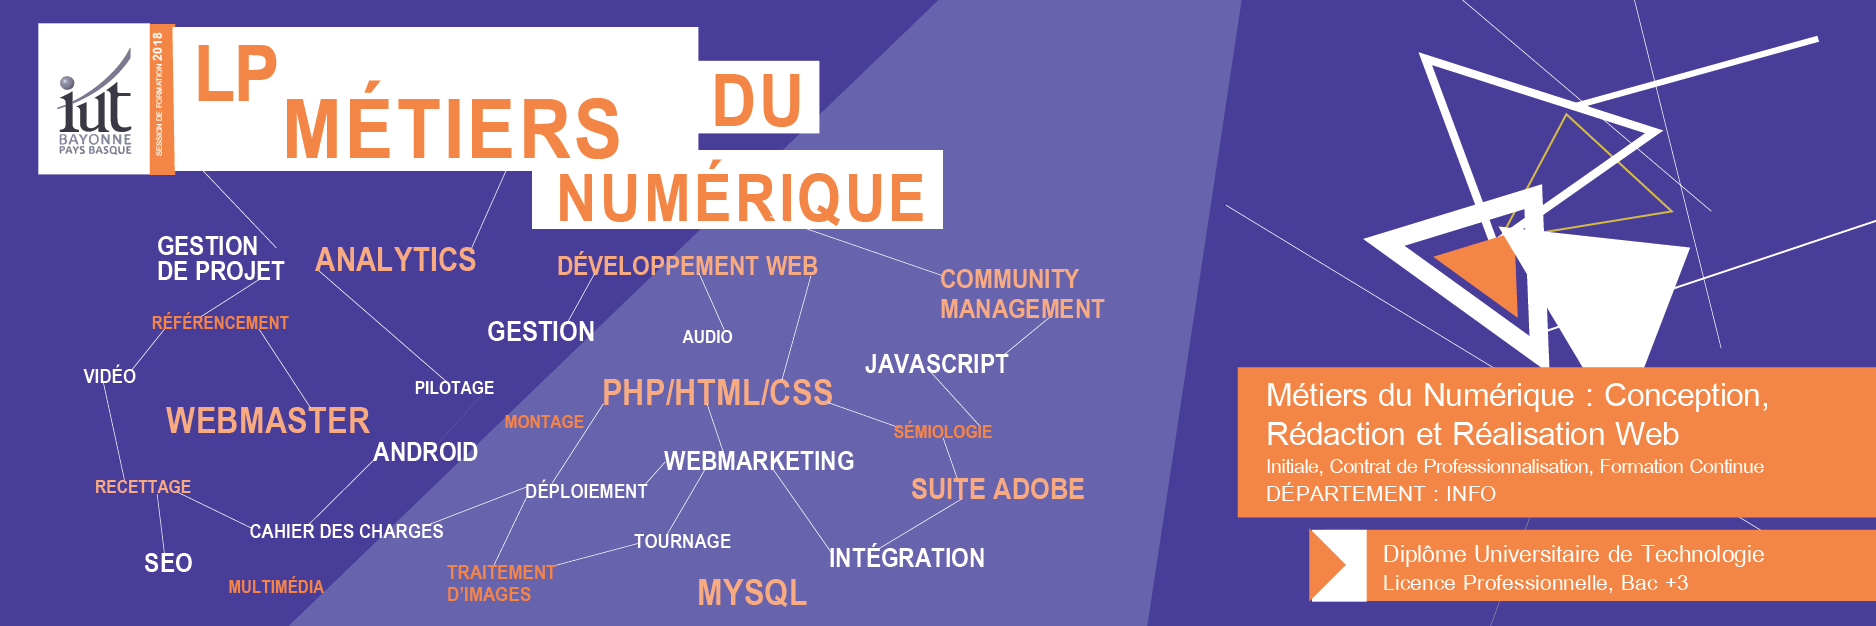 info_lp_bandeau_metiers_du_numerique-iut_bayonne-paysbasque